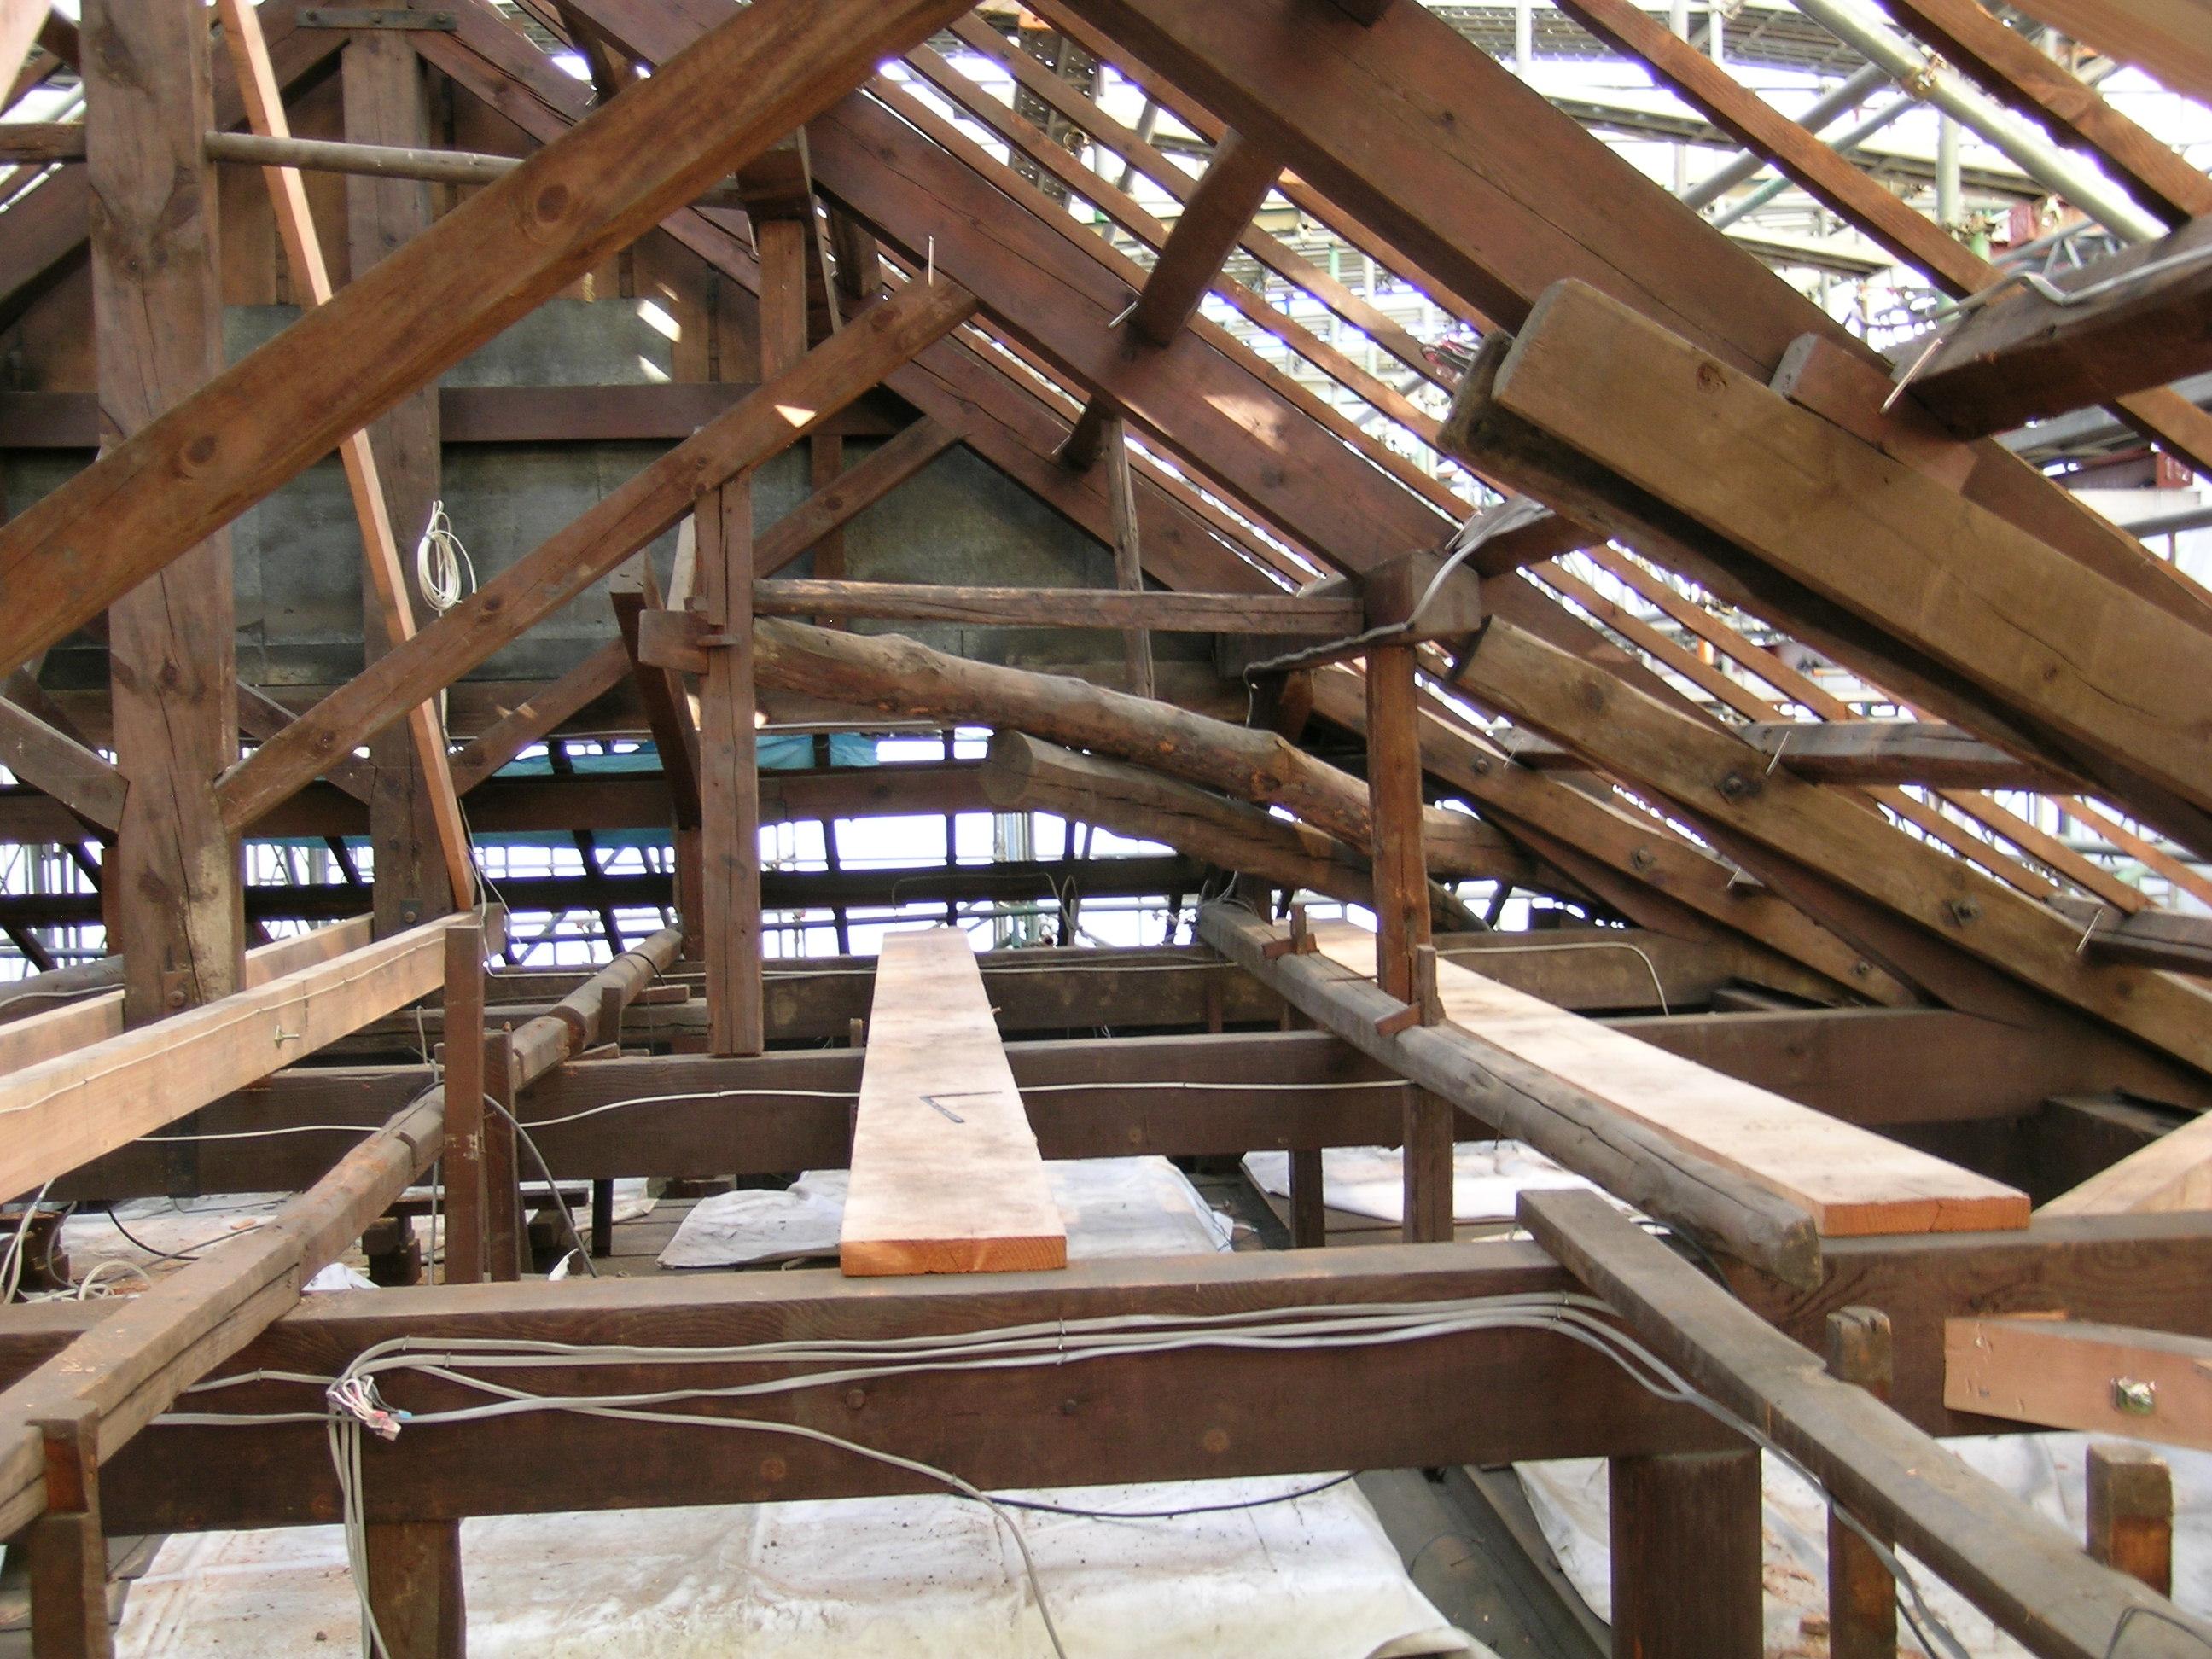 写真3 関東大震災に耐えた本堂の小屋組二